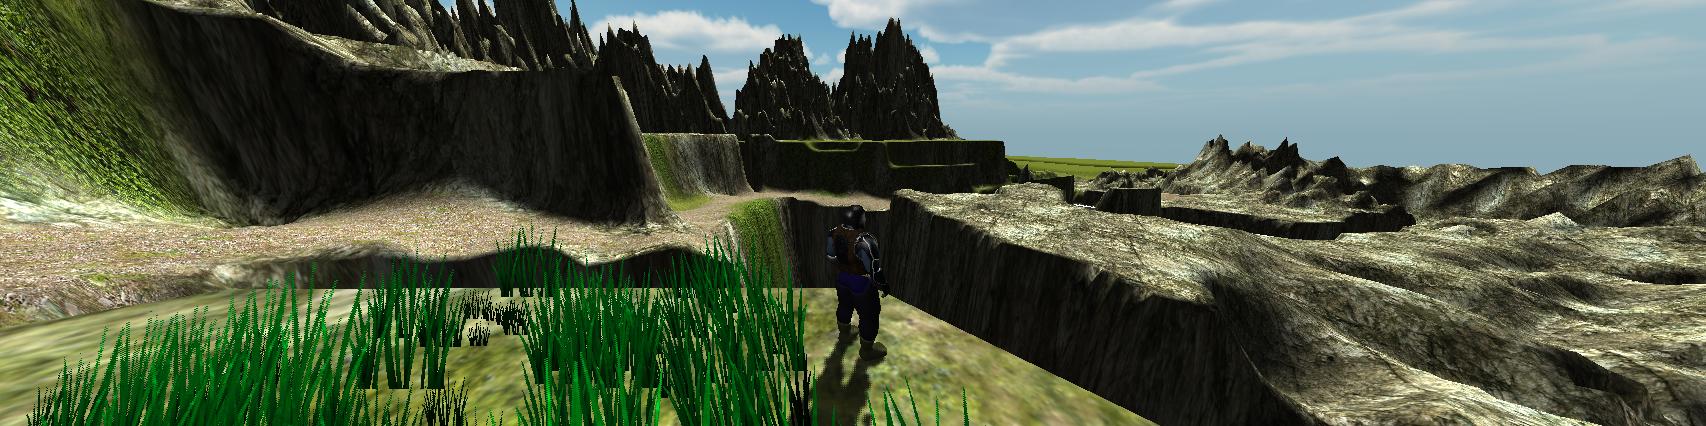 Cliffs Screenshot.png